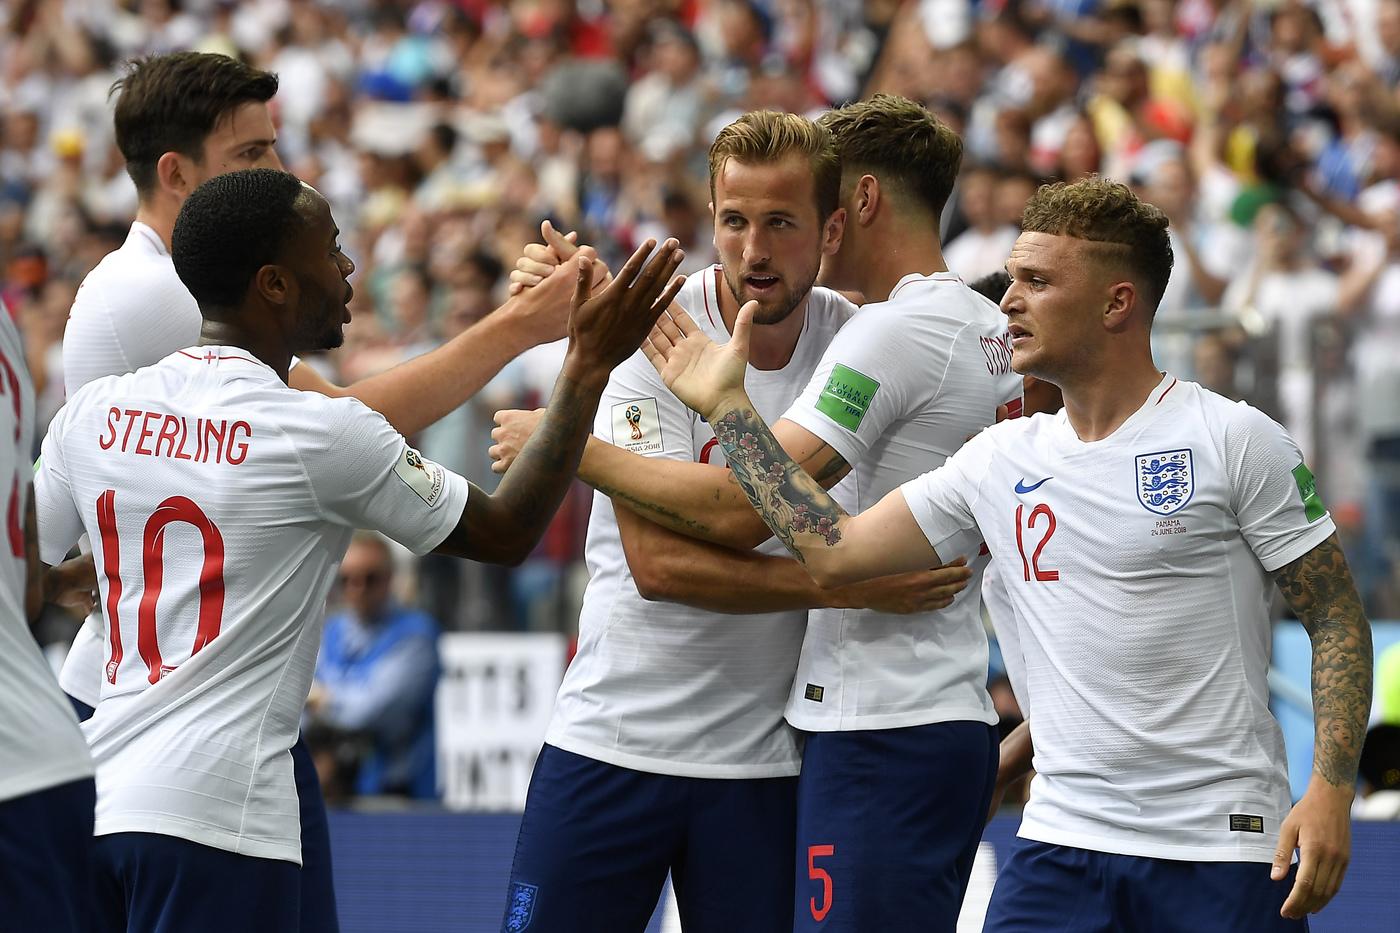 Colombia-Inghilterra martedì 3 luglio, analisi e pronostico Mondiali Russia 2018 ottavi di finale